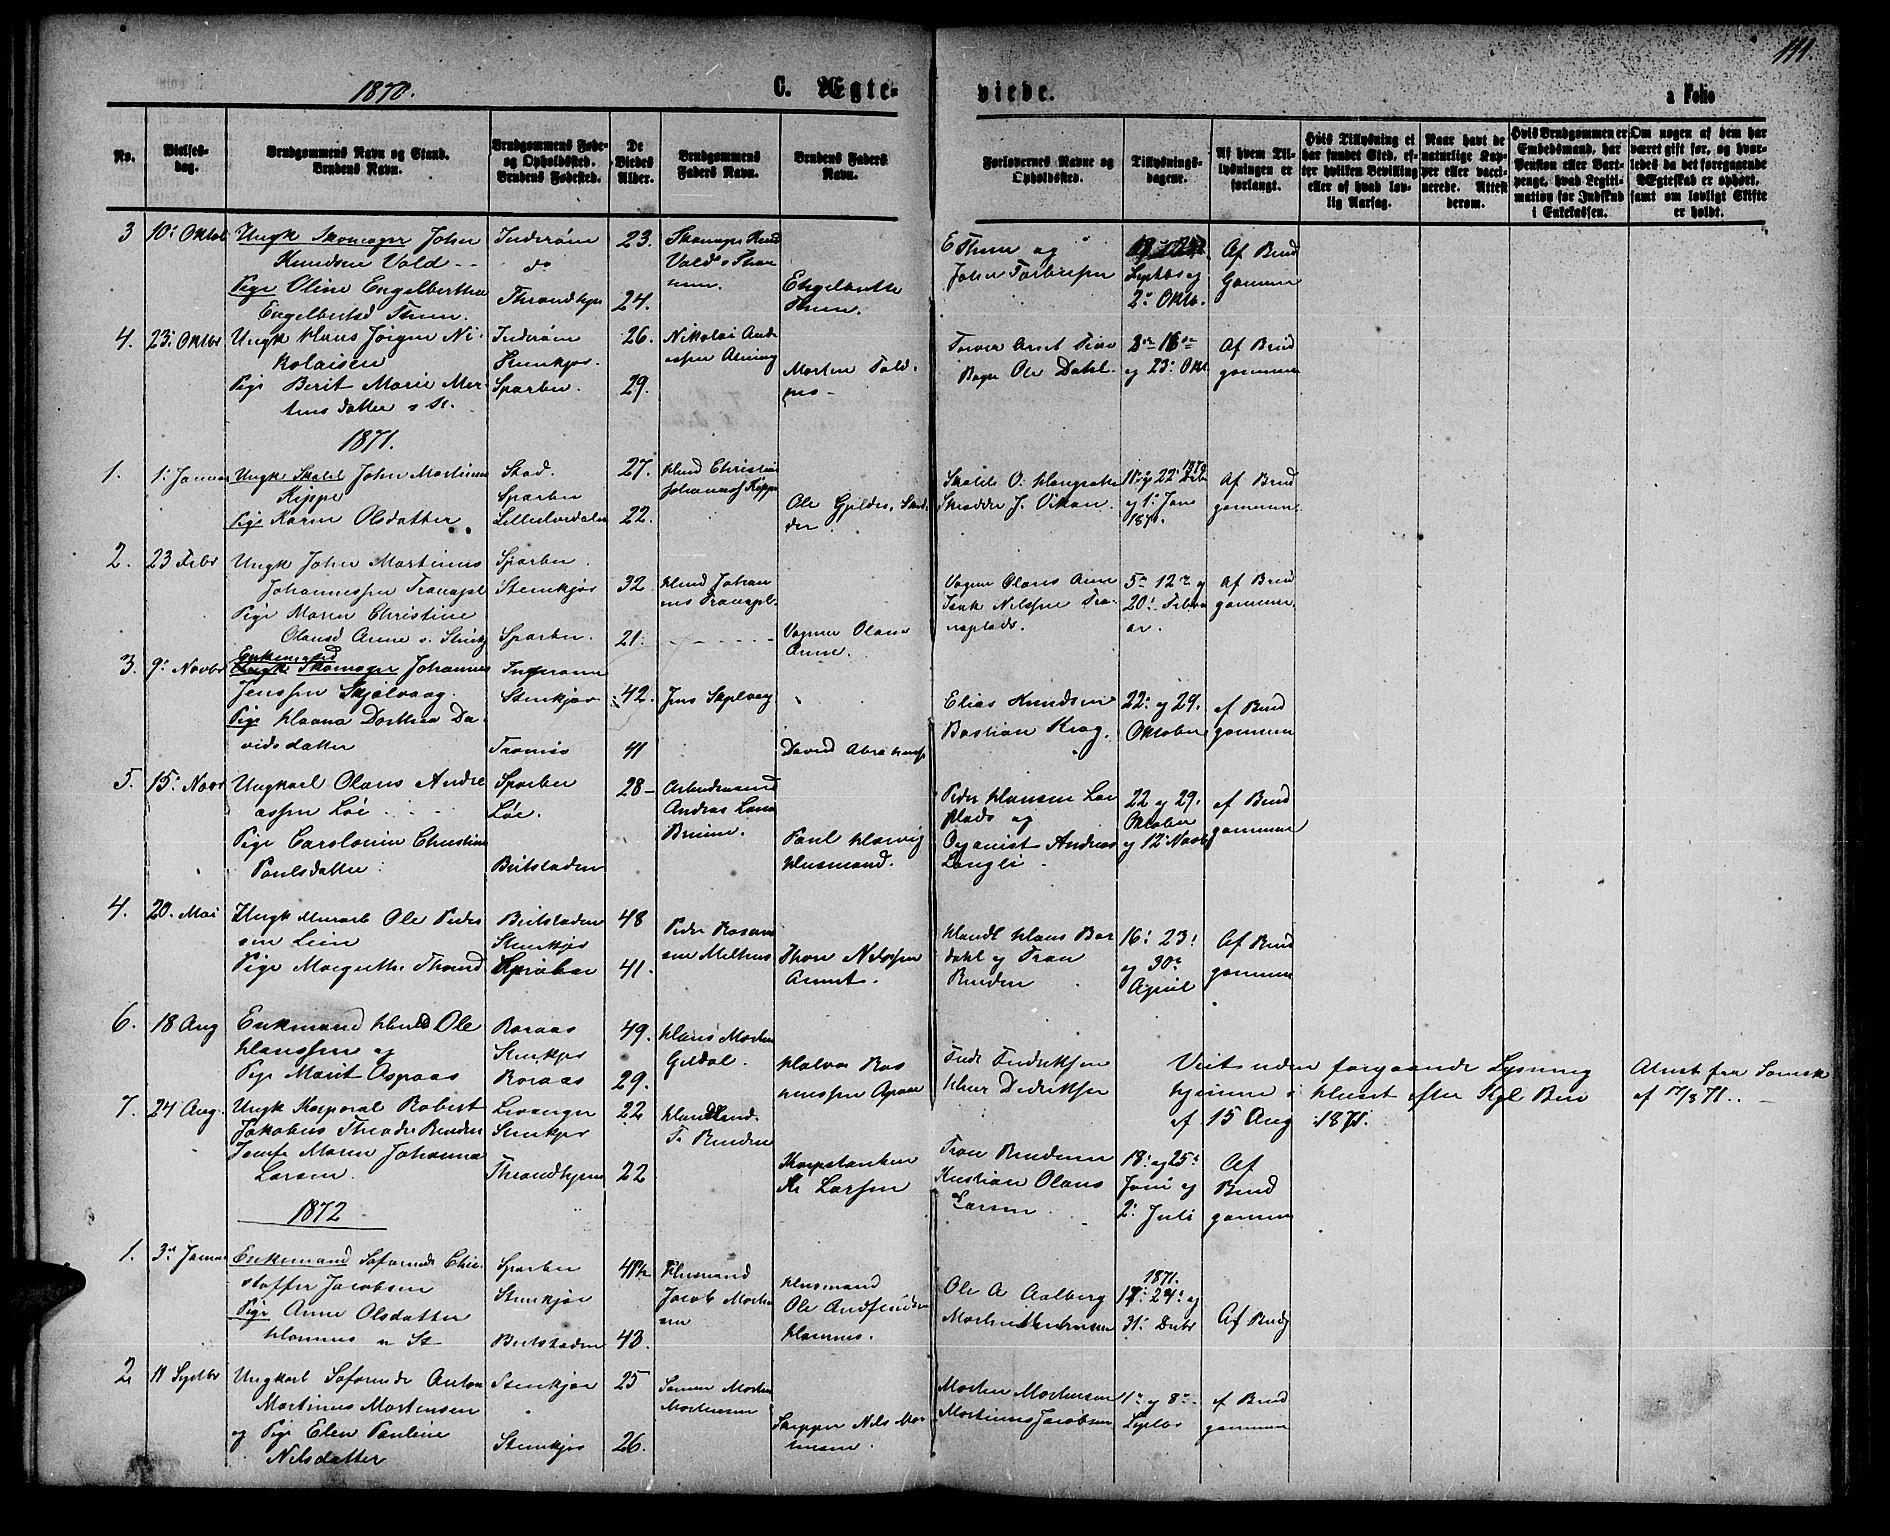 SAT, Ministerialprotokoller, klokkerbøker og fødselsregistre - Nord-Trøndelag, 739/L0373: Klokkerbok nr. 739C01, 1865-1882, s. 111